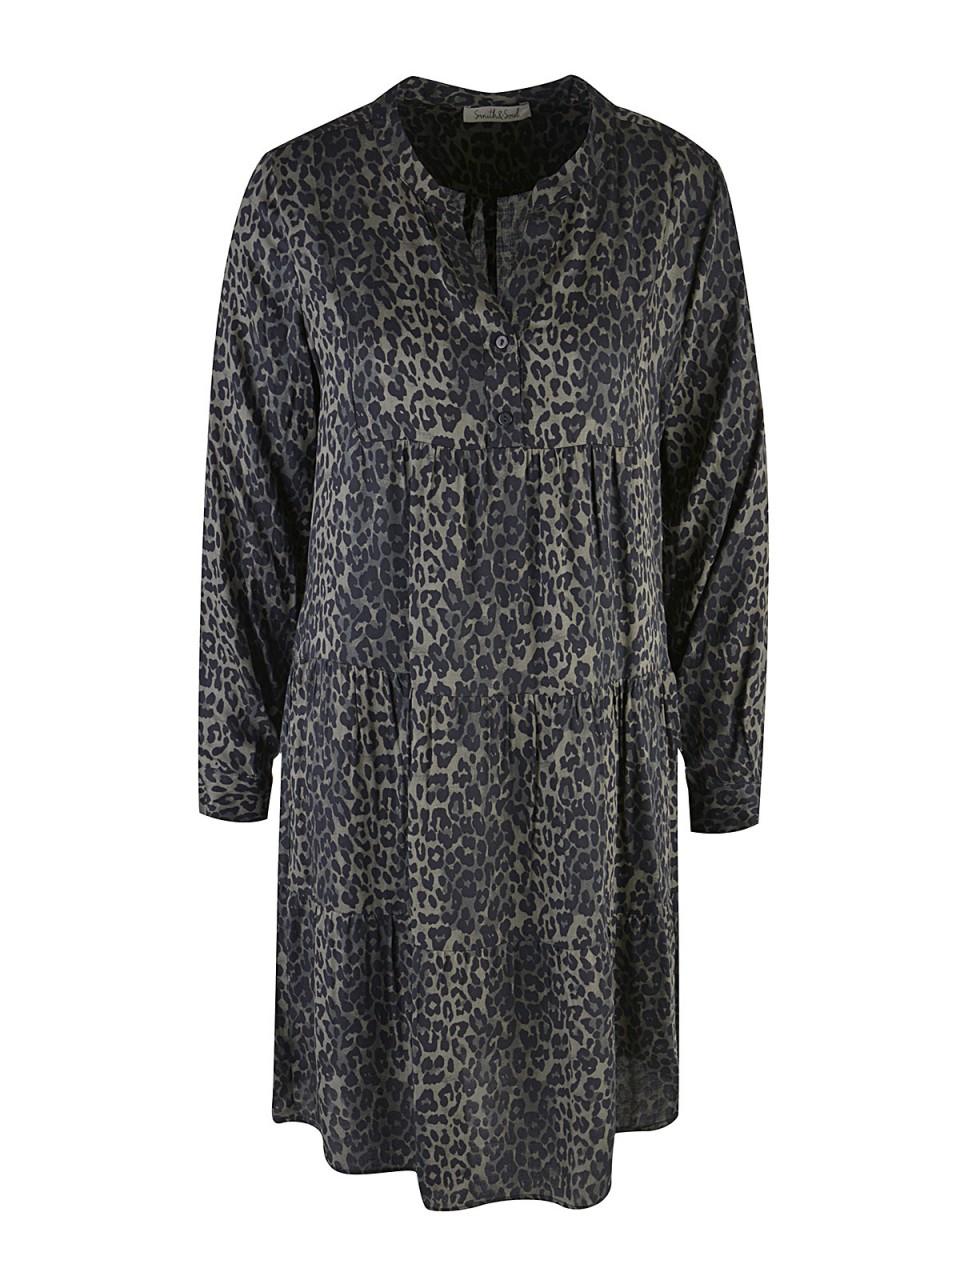 Kleider - SMITH SOUL Damen Kleid, schwarz  - Onlineshop Designermode.com